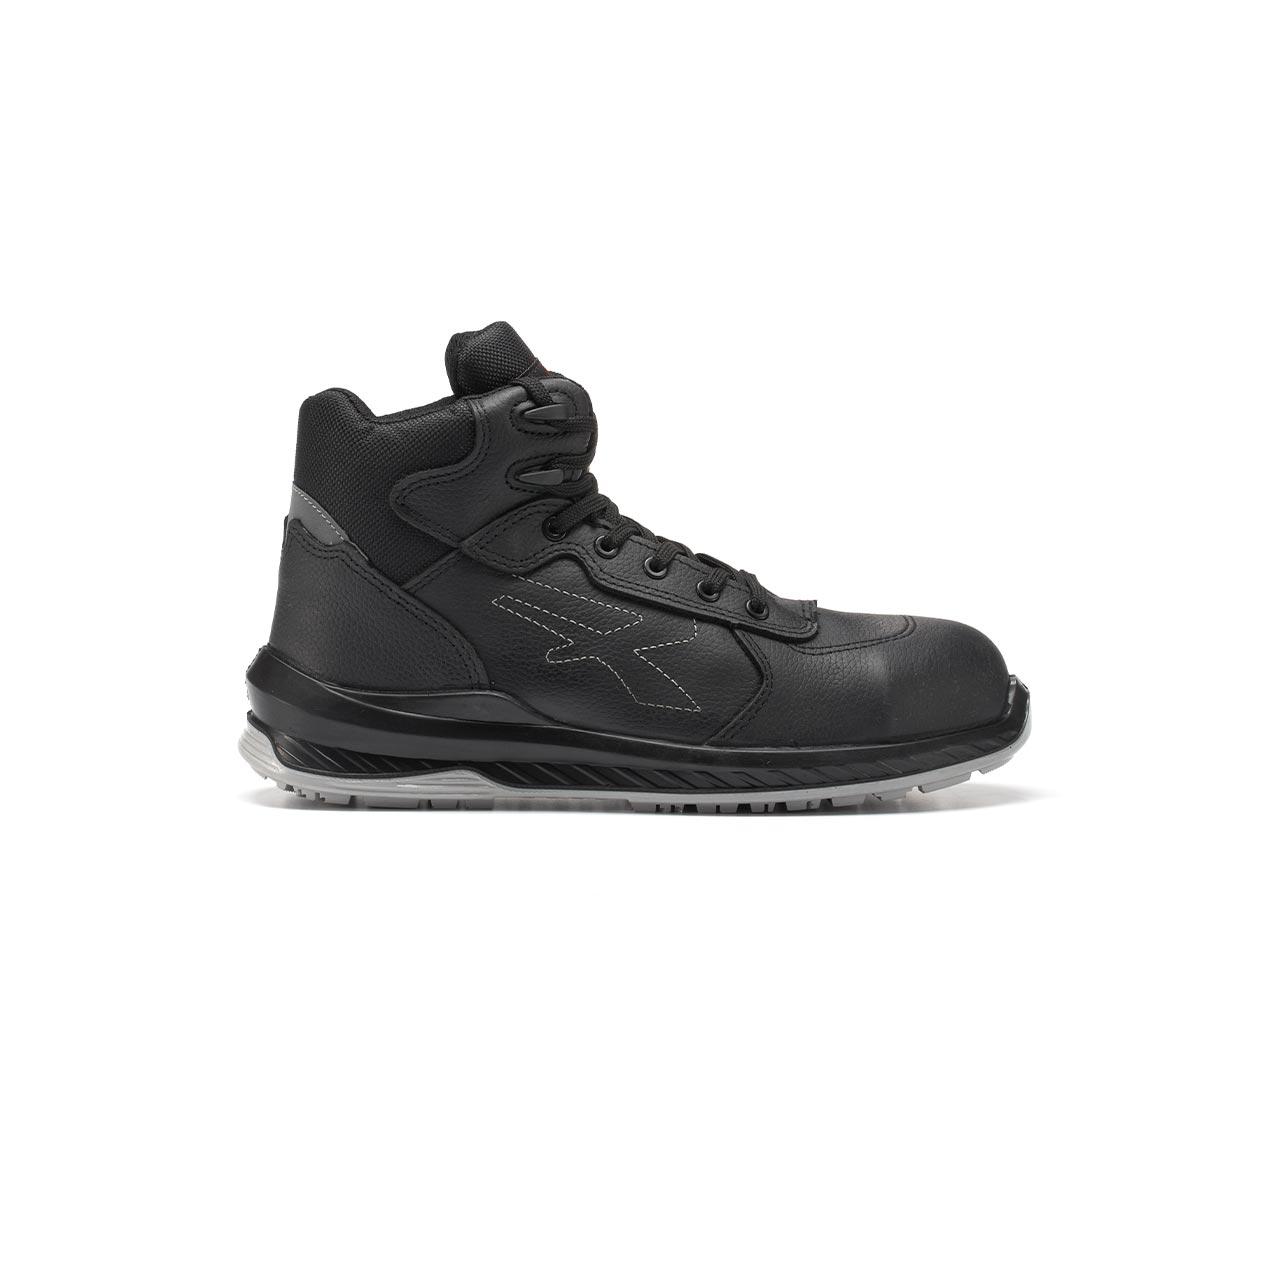 scarpa antinfortunistica alta upower modello scuro linea redindustry vista laterale